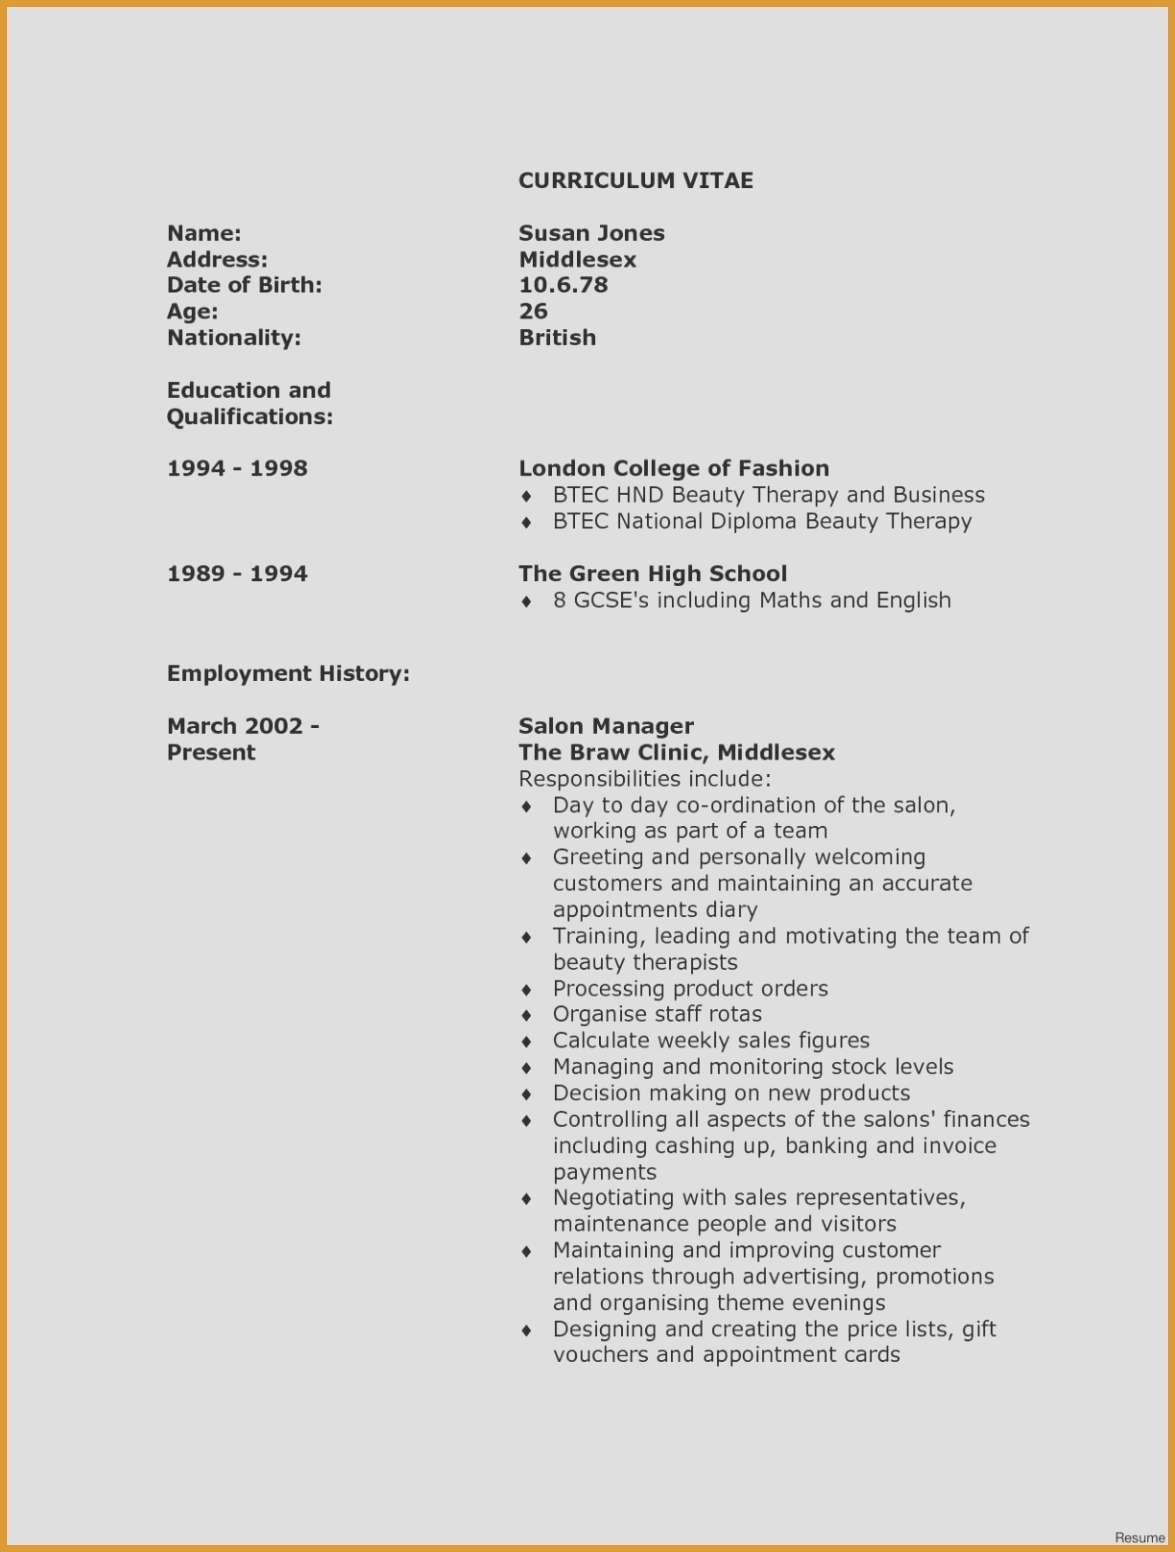 Template for Cover Letter for Teaching Position - Resume for Teaching Position Luxury Resume for Teacher Elegant